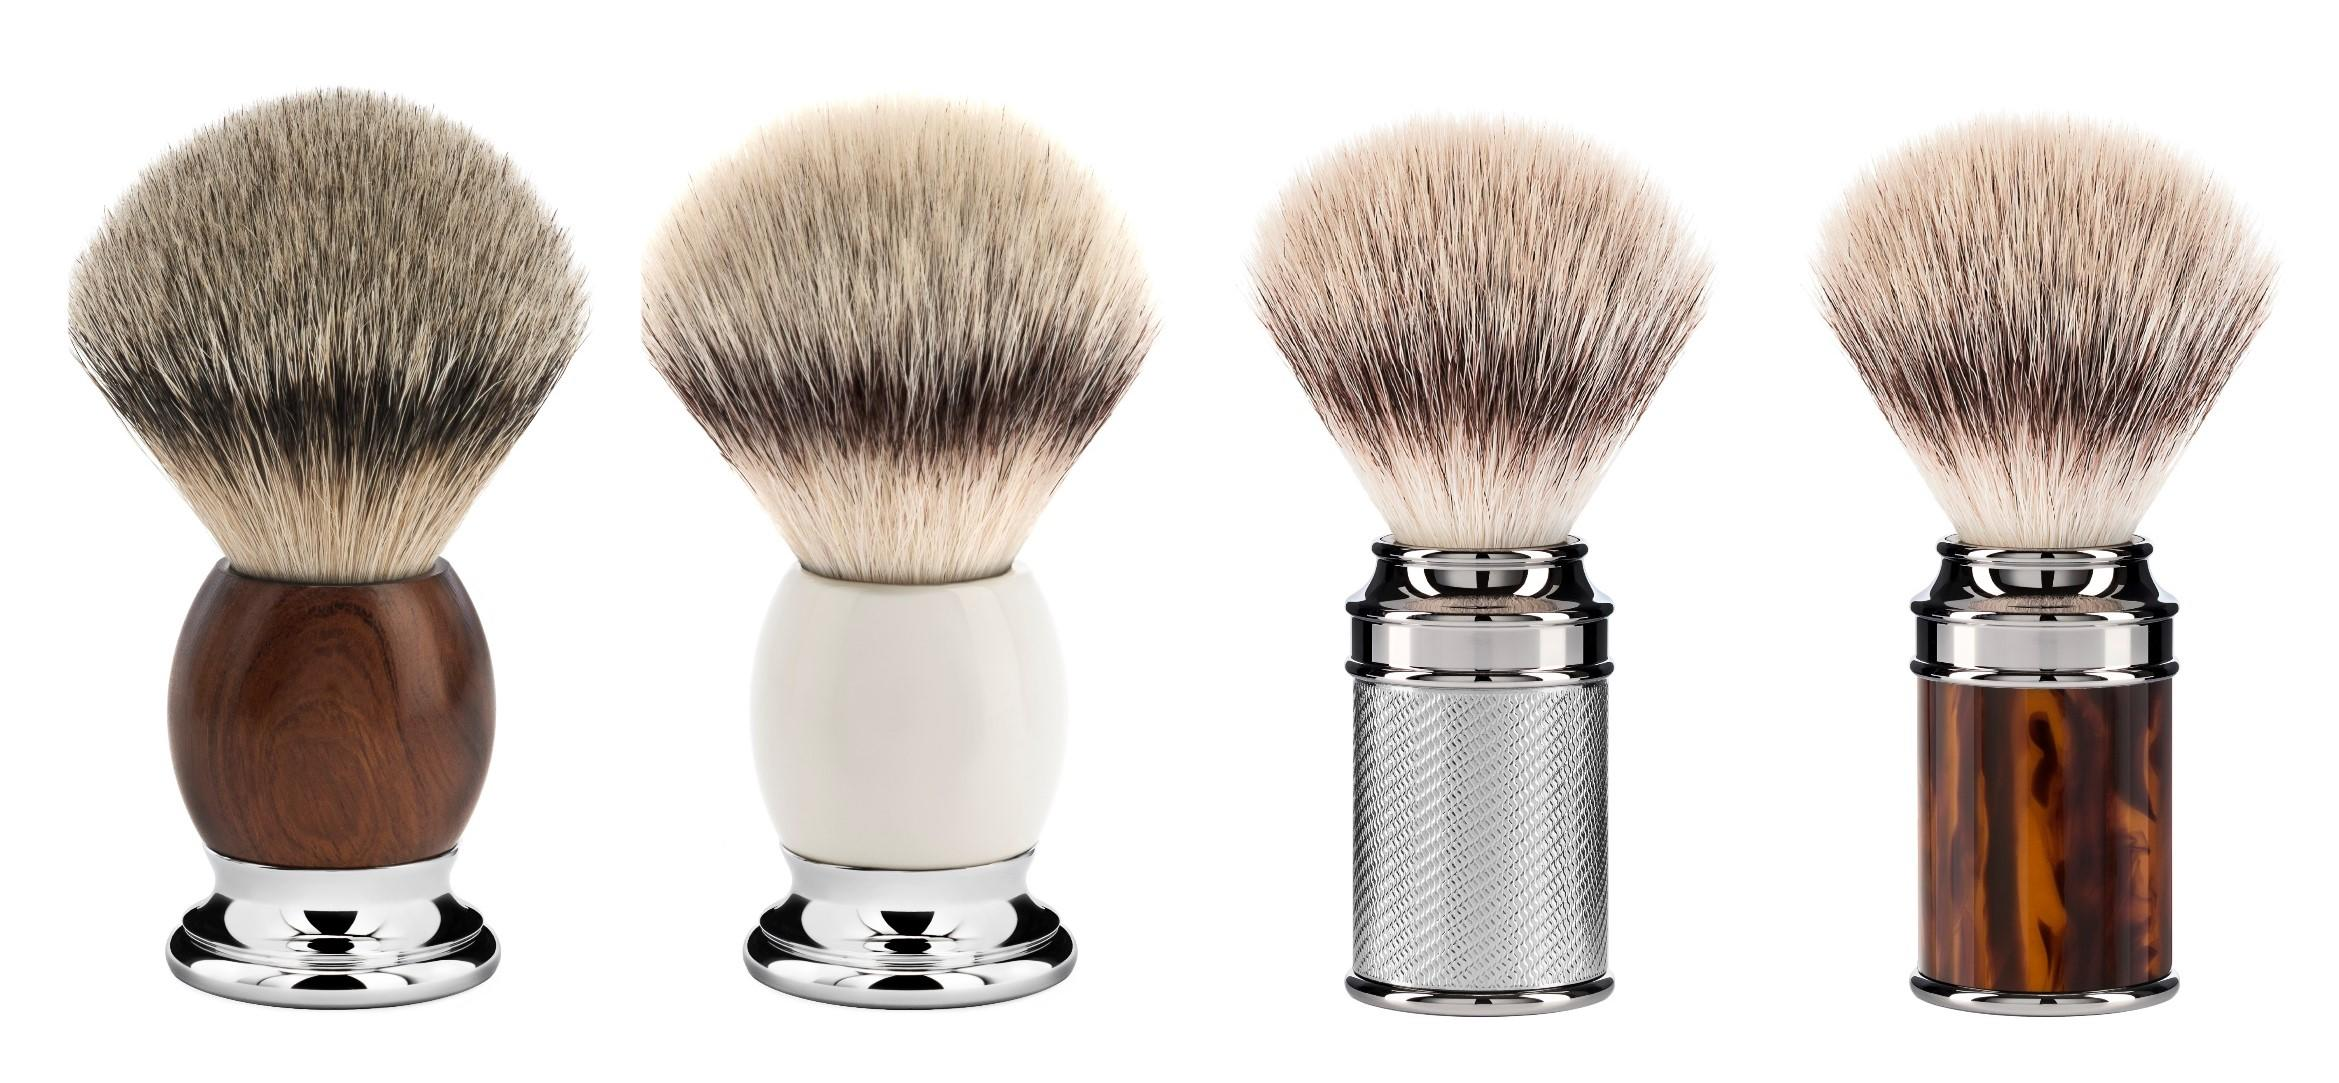 (from left to right): The Ironwood SOPHIST Silvertip Badger Shaving Brush (93H47), The Porcelain SOPHIST Silvertip Fibre Shaving Brush (33P84), The Chrome TRADITIONAL Silvertip Fibre Shaving Brush (31M89), The Faux Tortoiseshell TRADITIONAL Silvertip Fibre Shaving Brush (31M108)